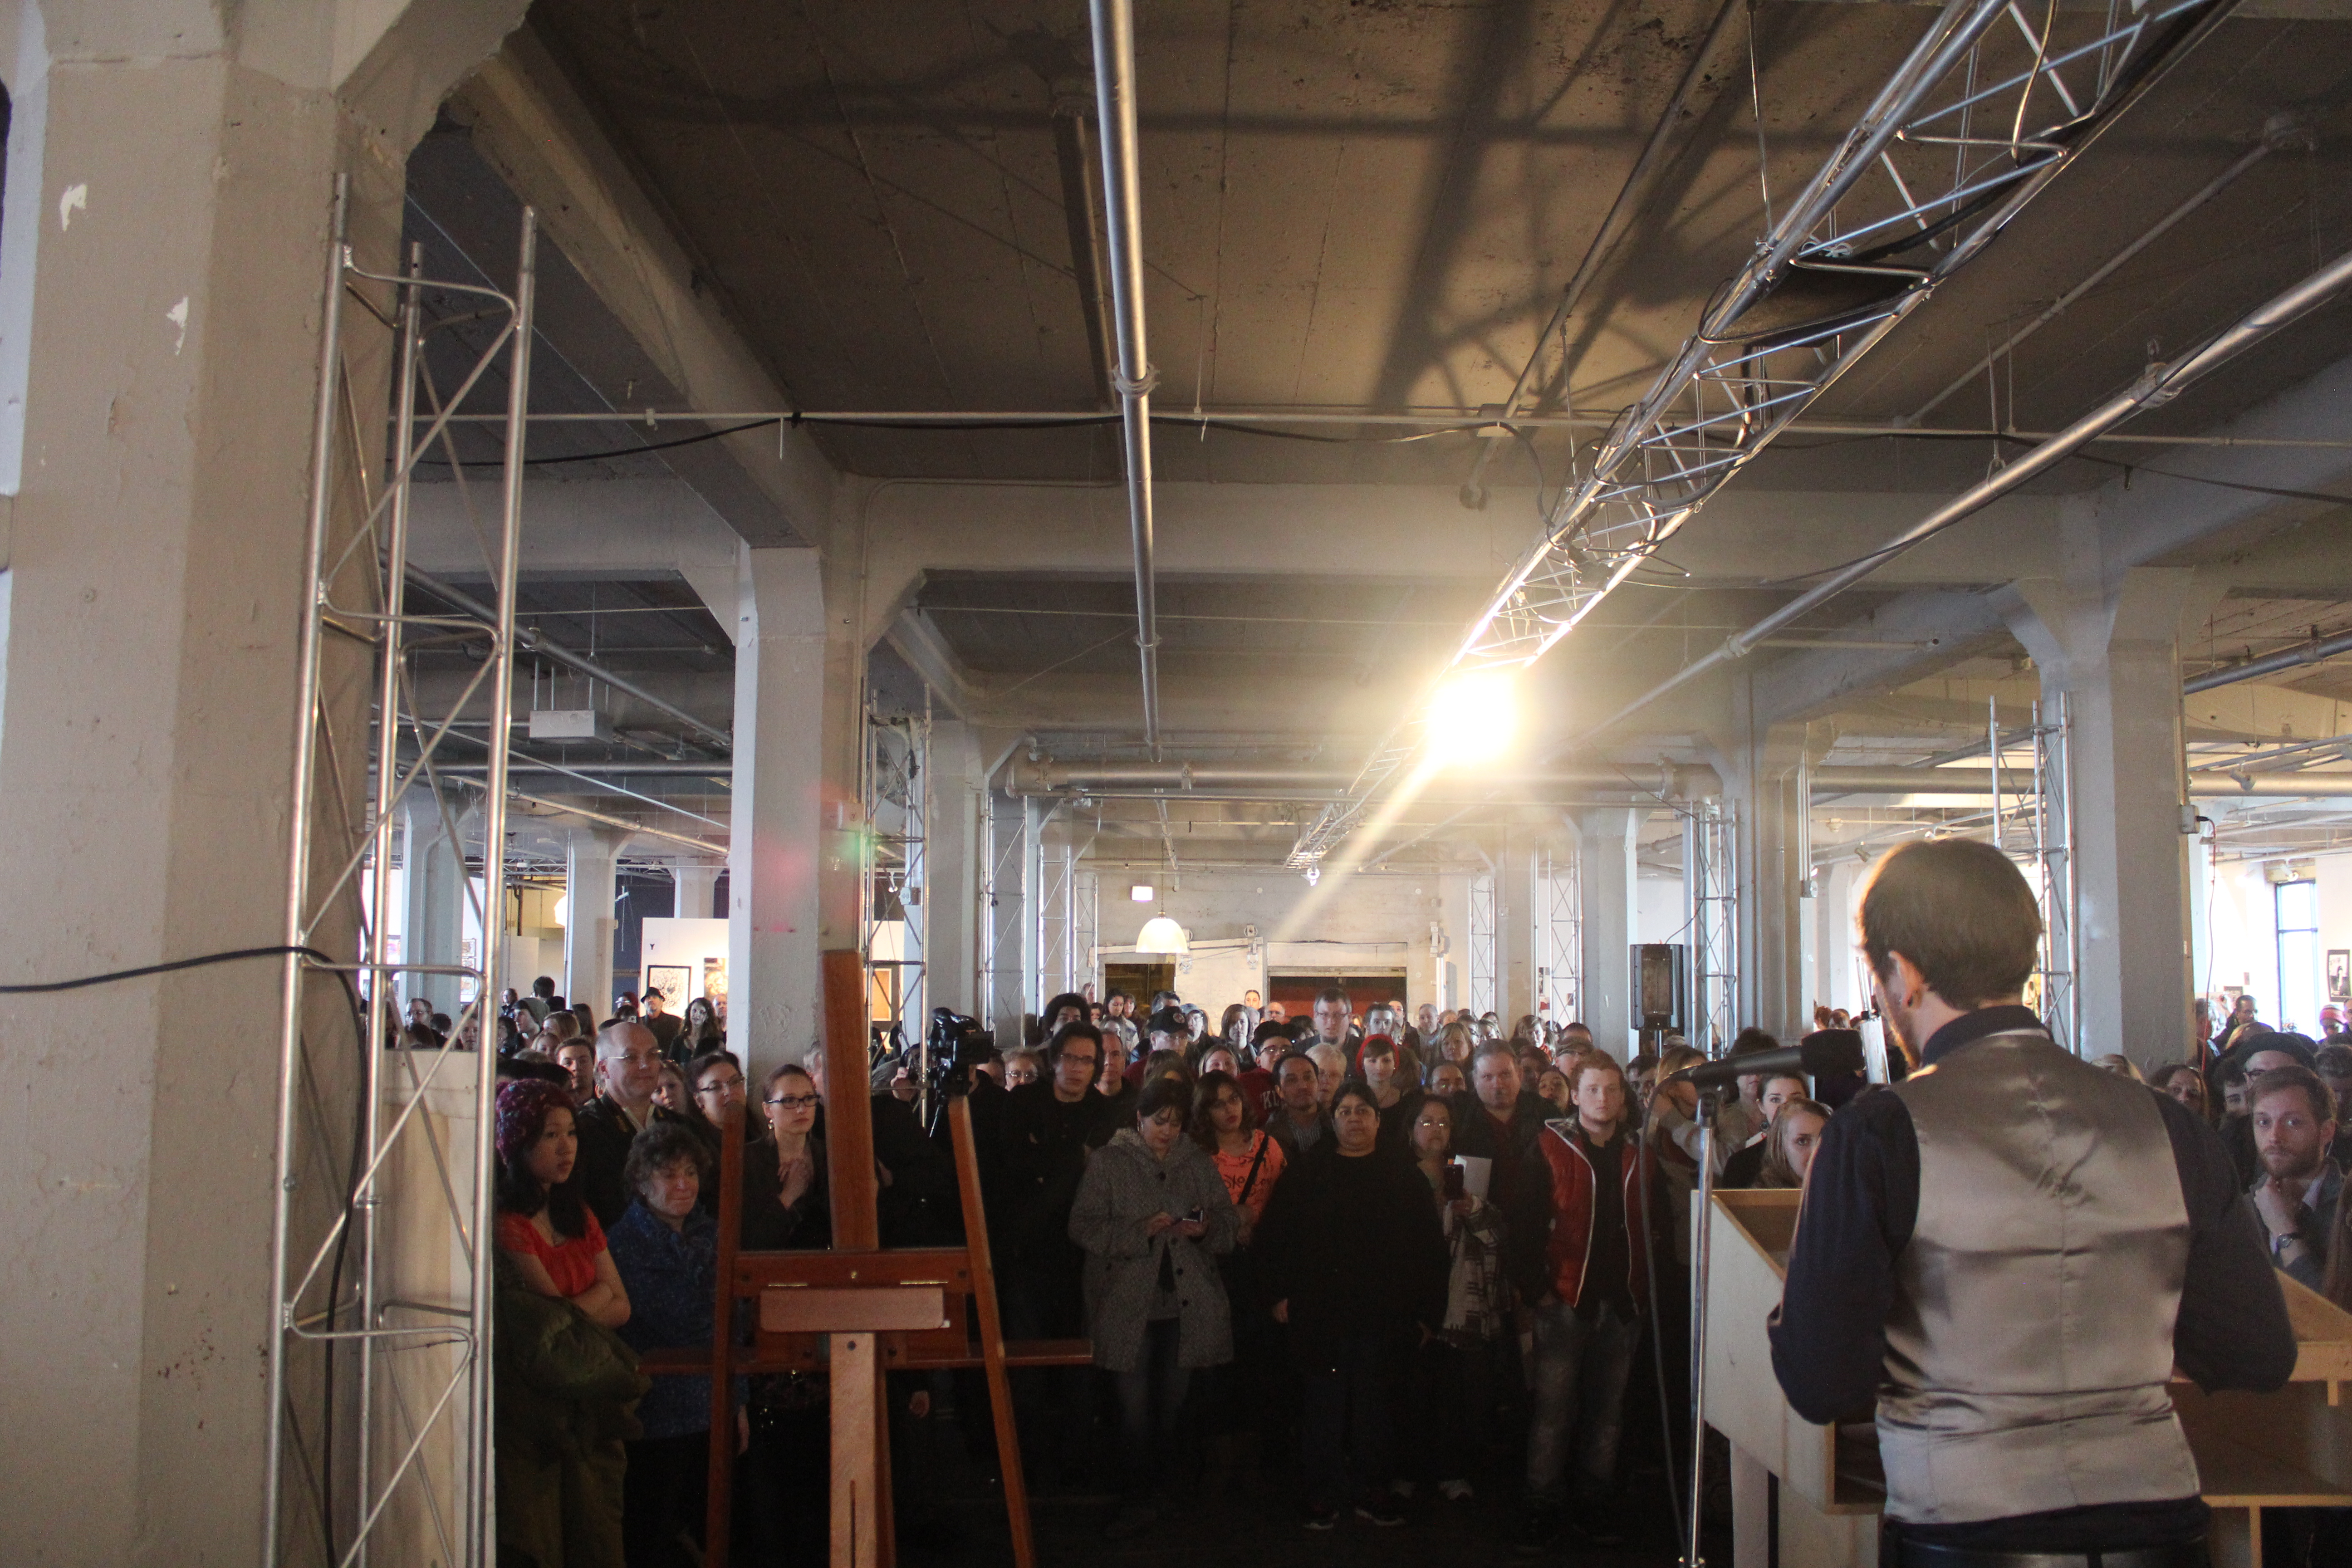 B Art: Zhou B Art Center Hosts The Largest High School Art Show